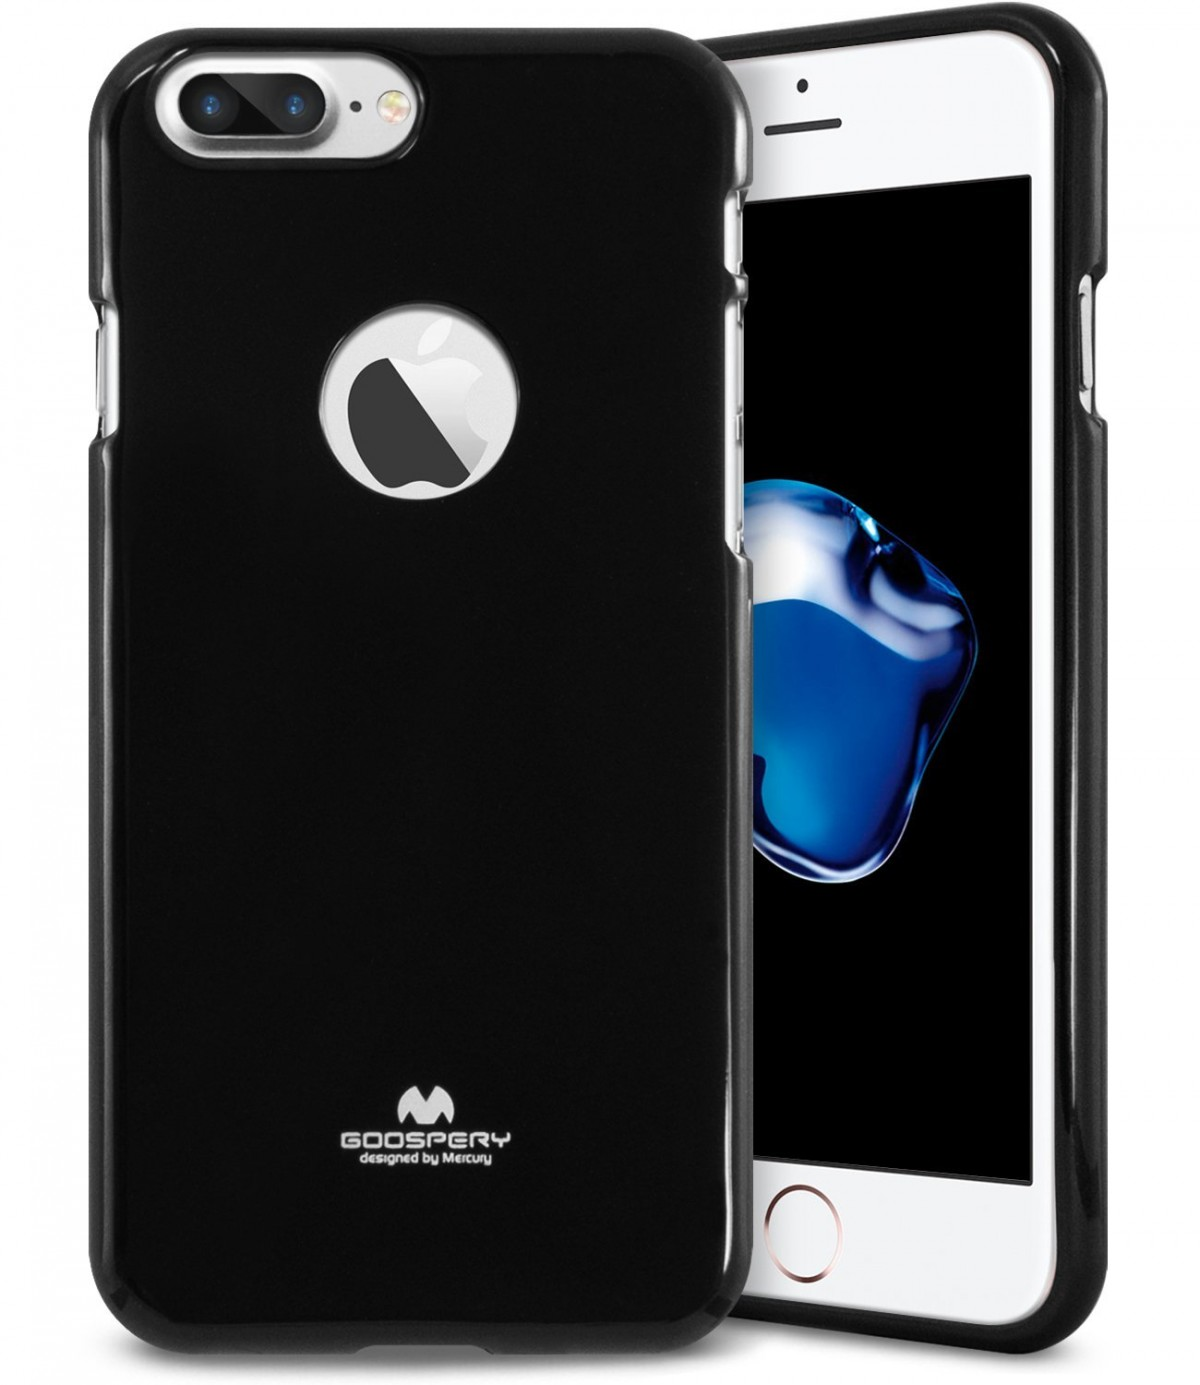 Silikonový obal / kryt Goospery Mercury pro Apple iPhone 8 Plus - Černý / Jet Black